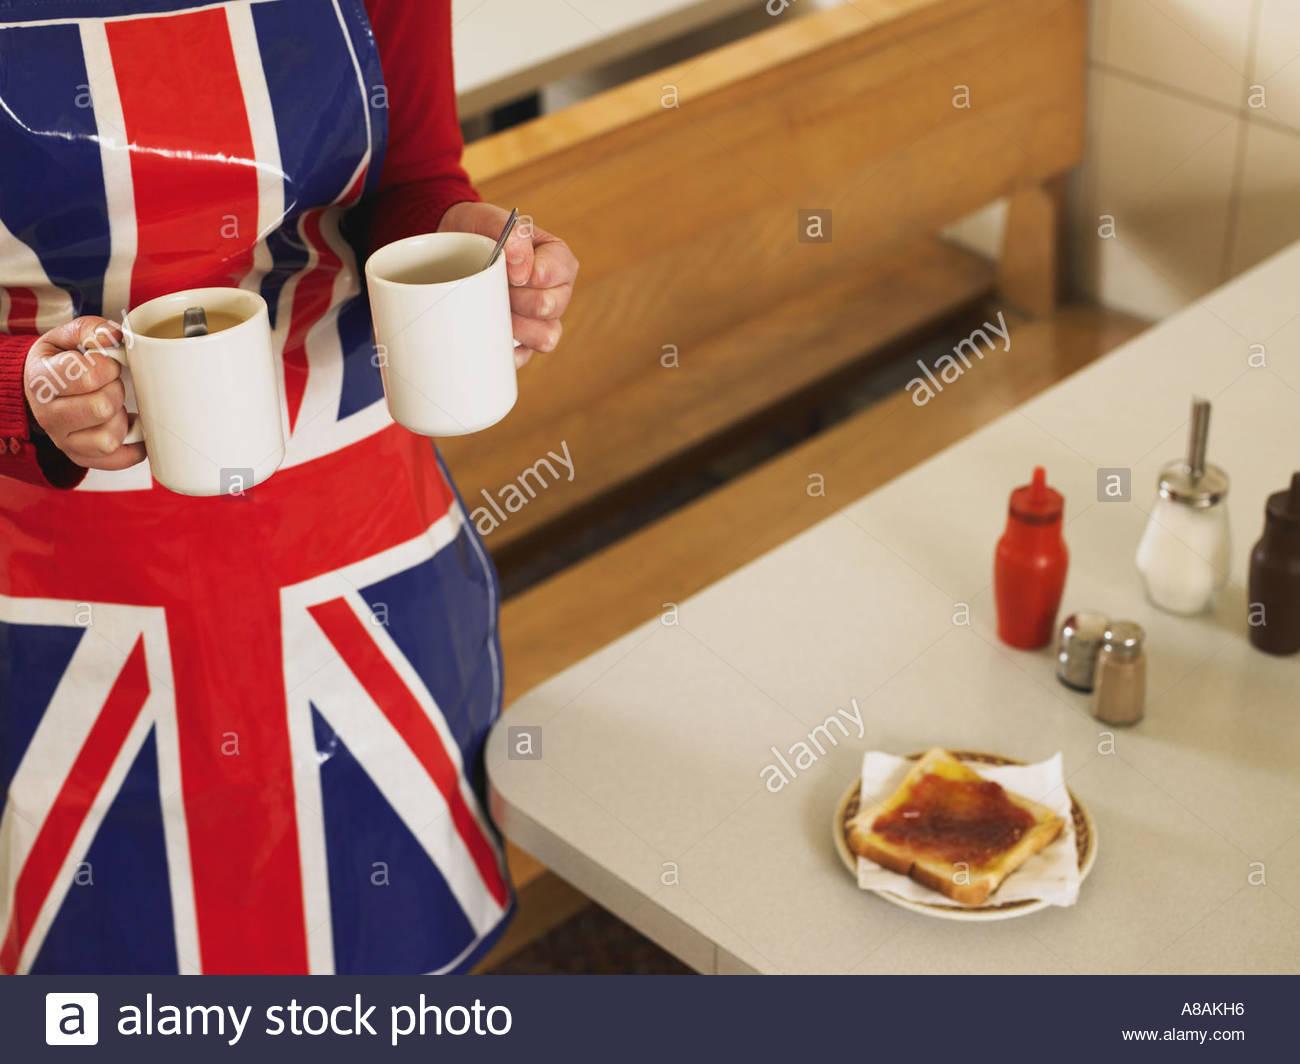 Waitress bringing mugs of tea - Stock Image